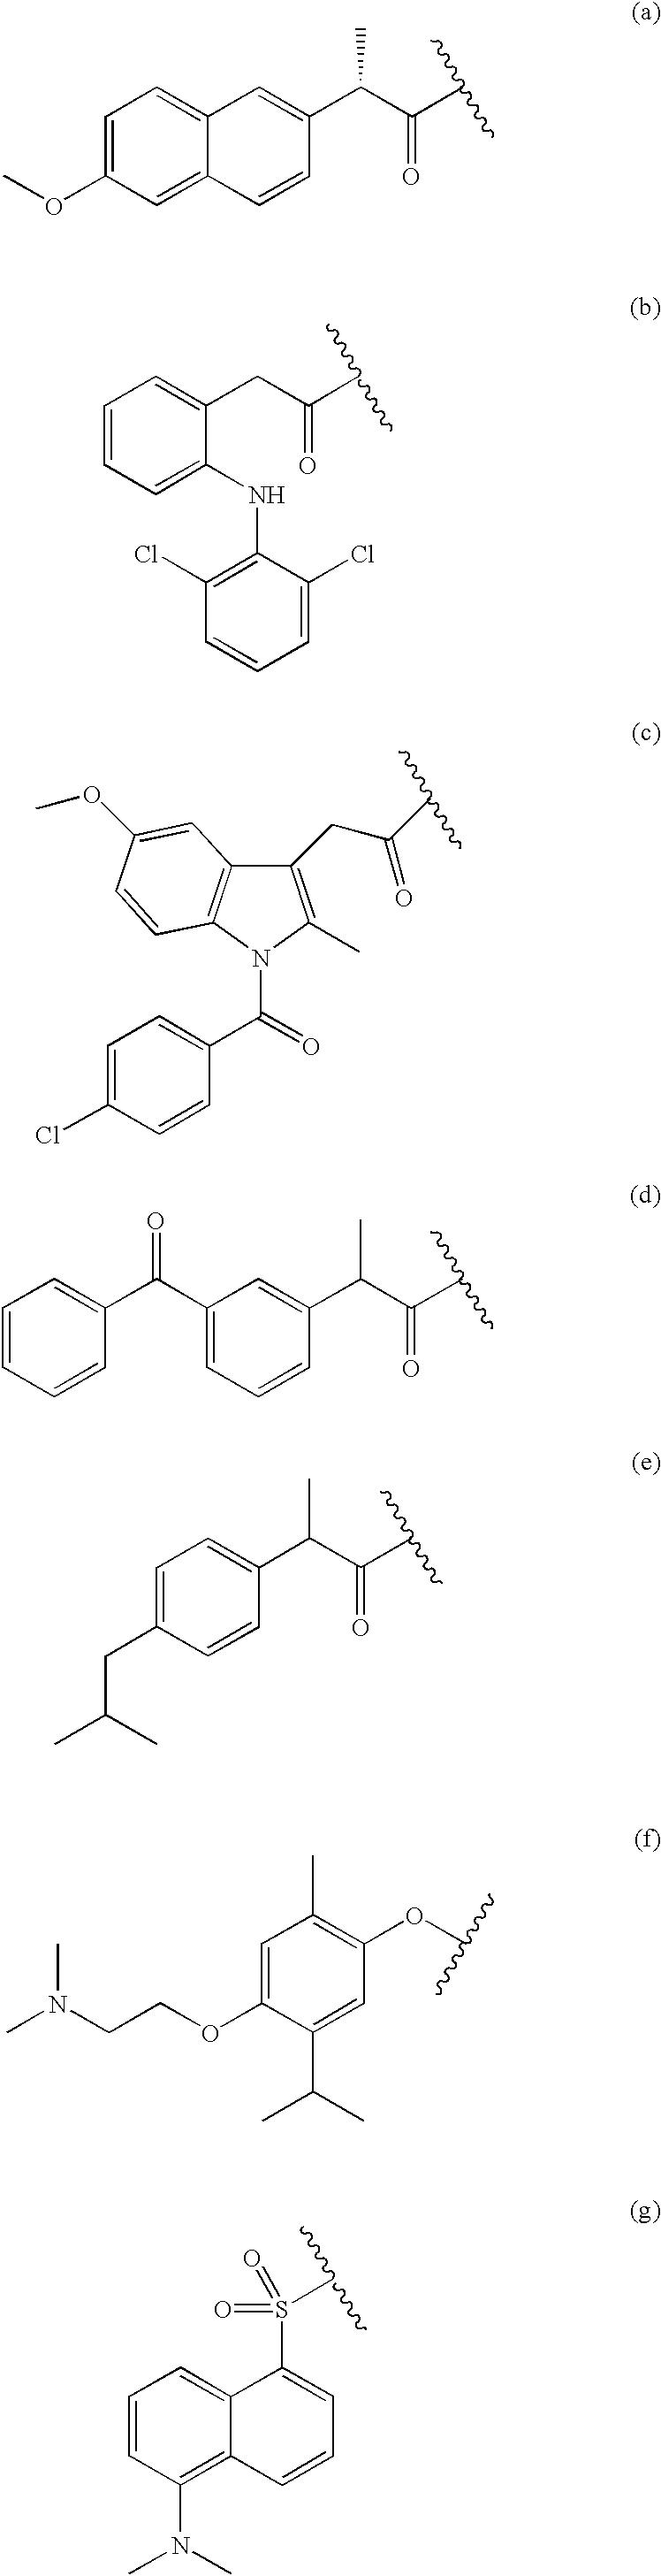 Figure US20030203915A1-20031030-C00008